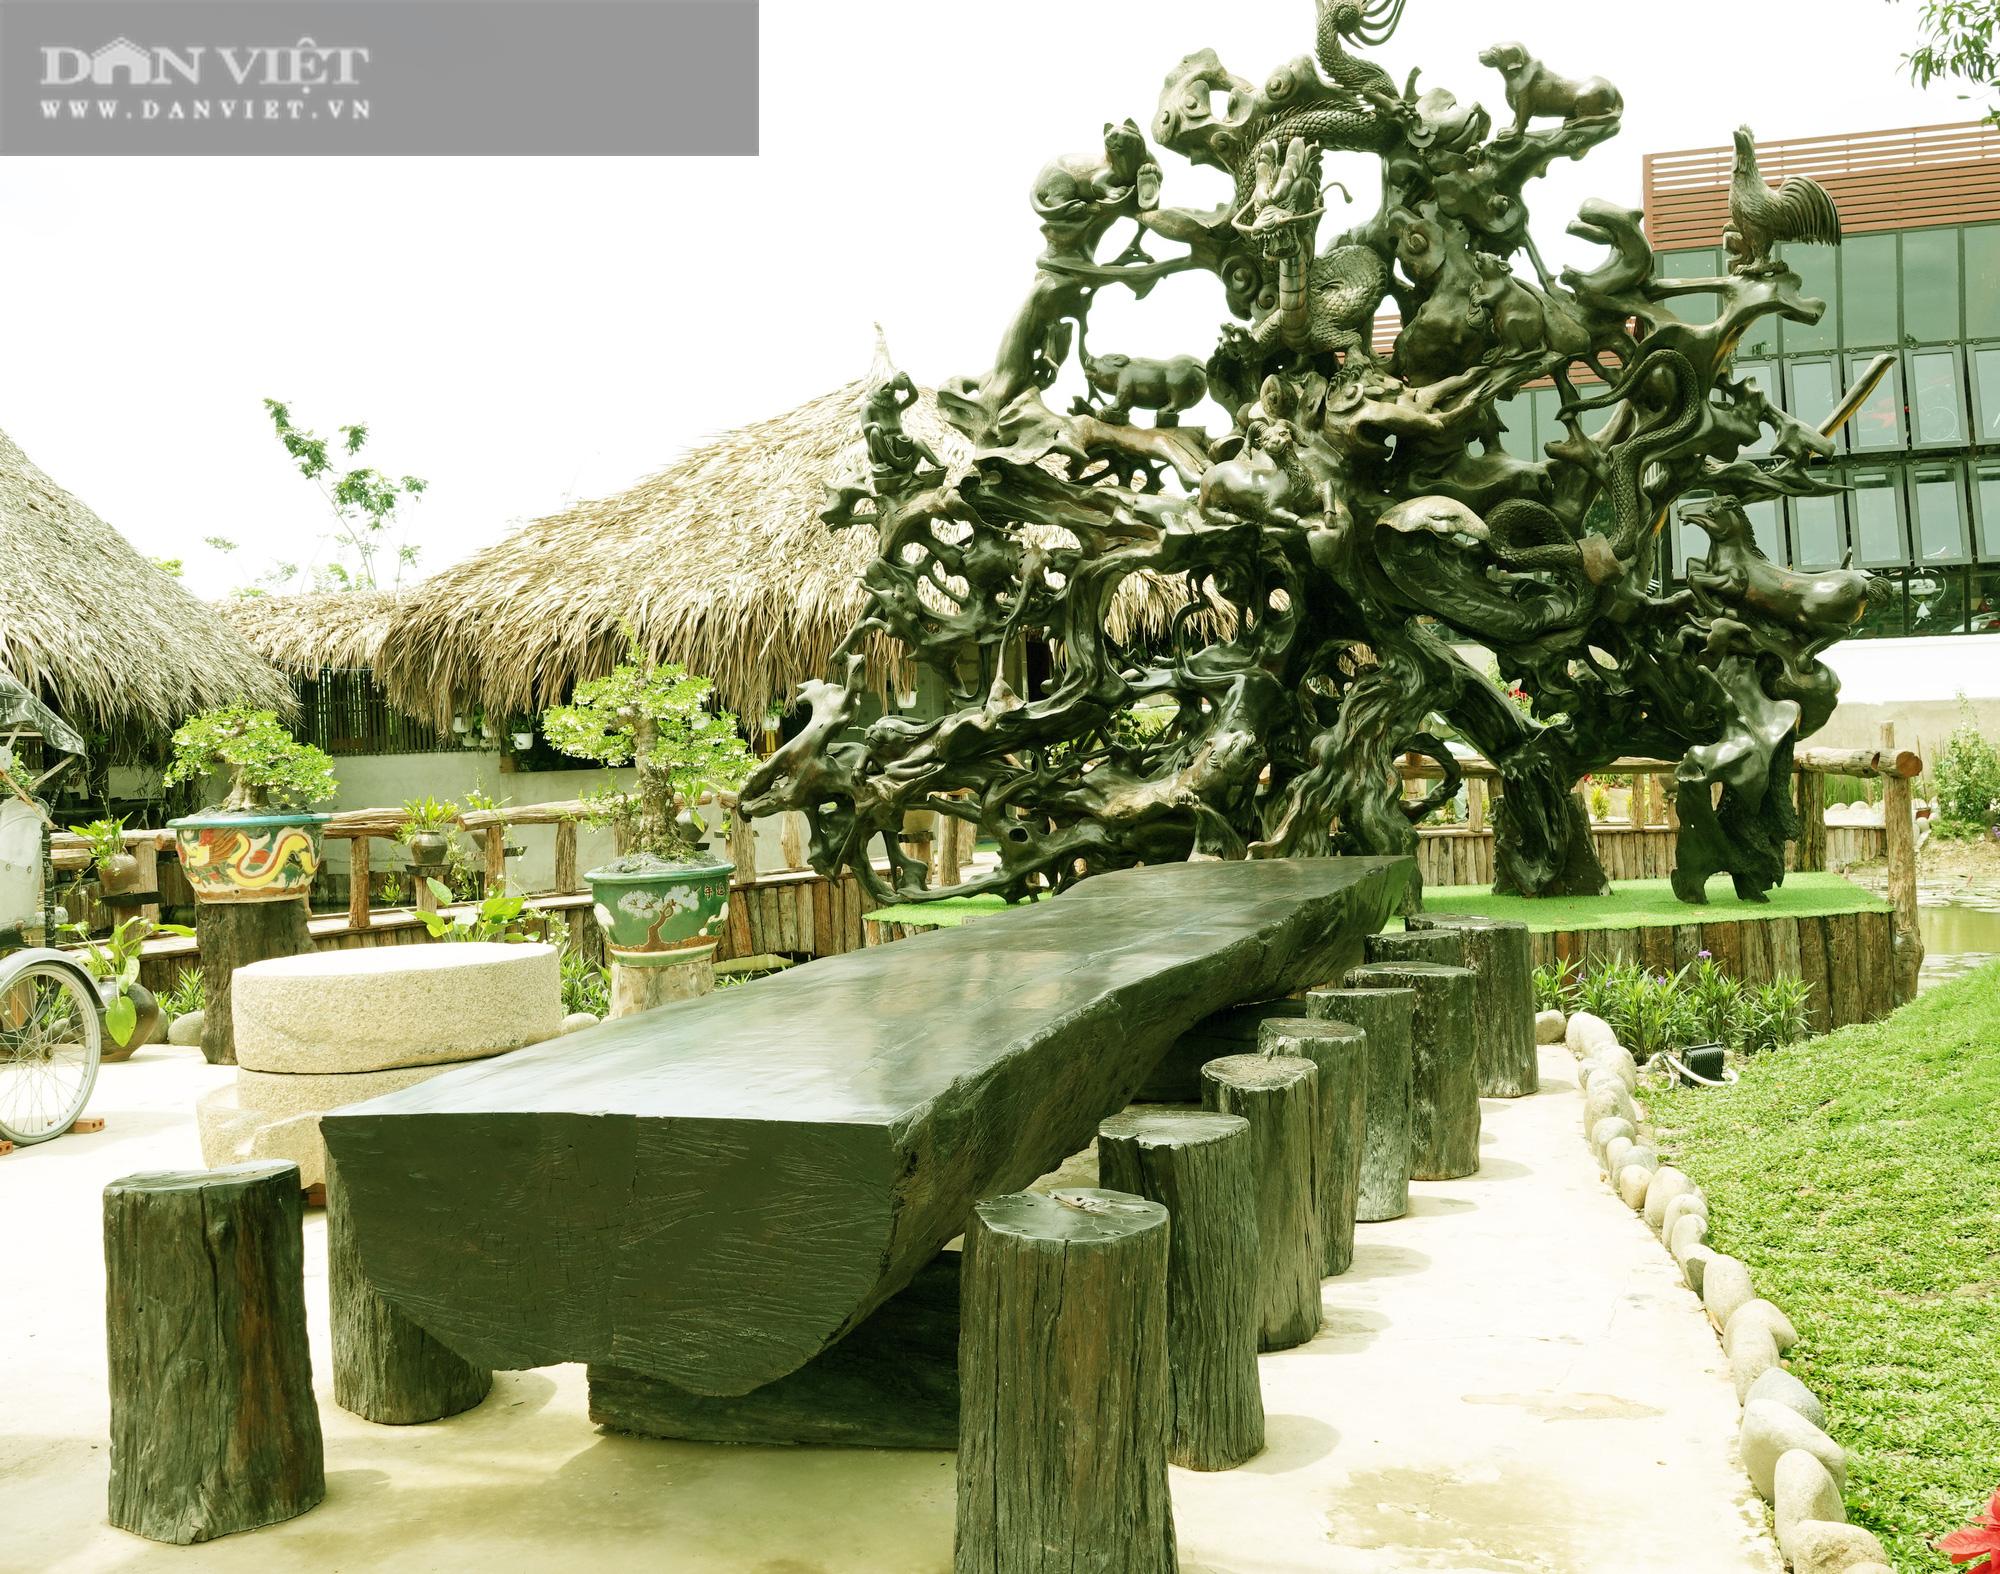 Bộ sưu tập tượng khủng làm từ những khúc gỗ quý hiếm bị chôn vùi dưới lòng sông hàng trăm năm  - Ảnh 3.